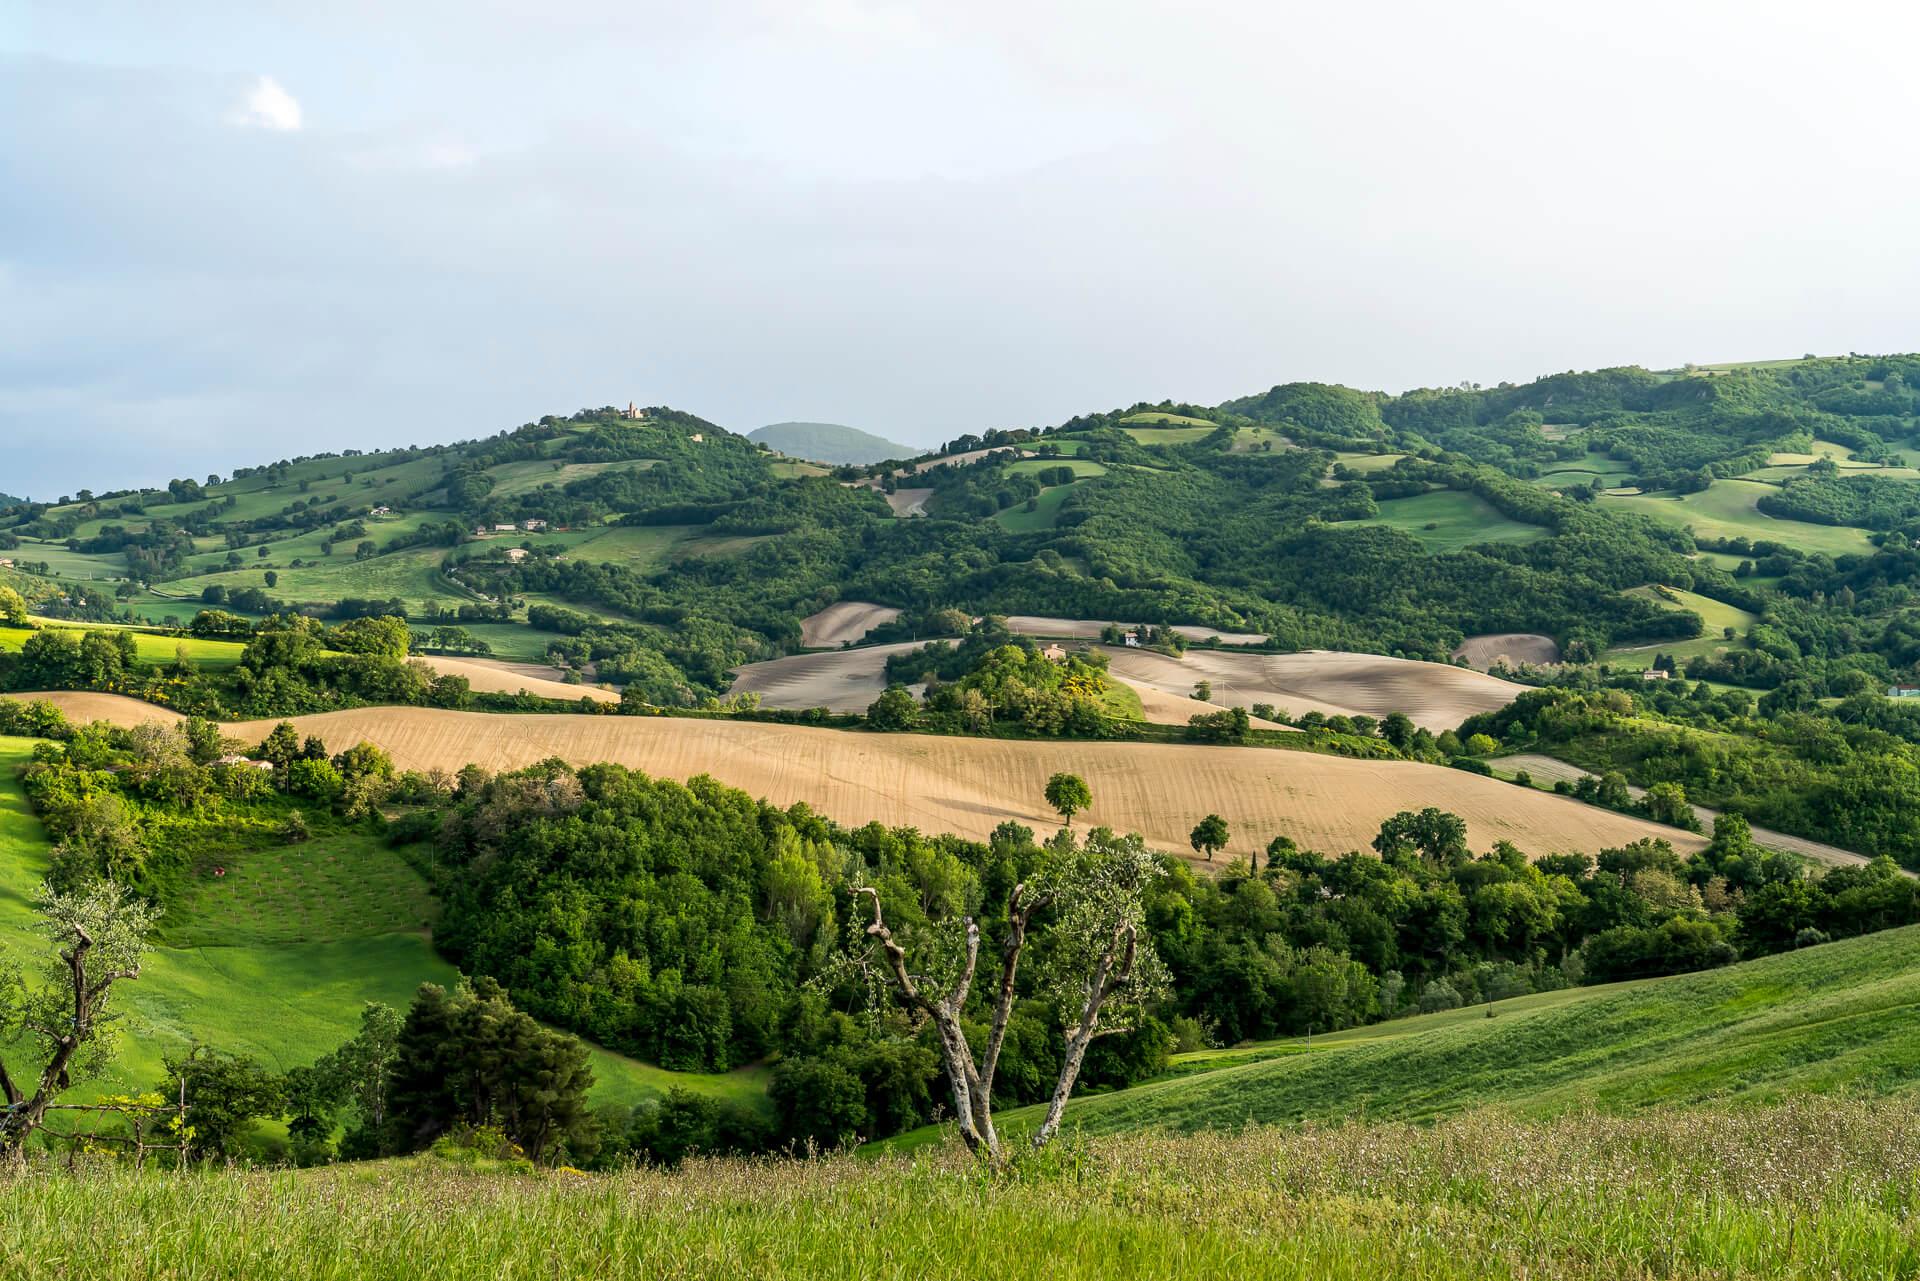 Italien Geheimtipp: Unser Roadtrip durch die Marken